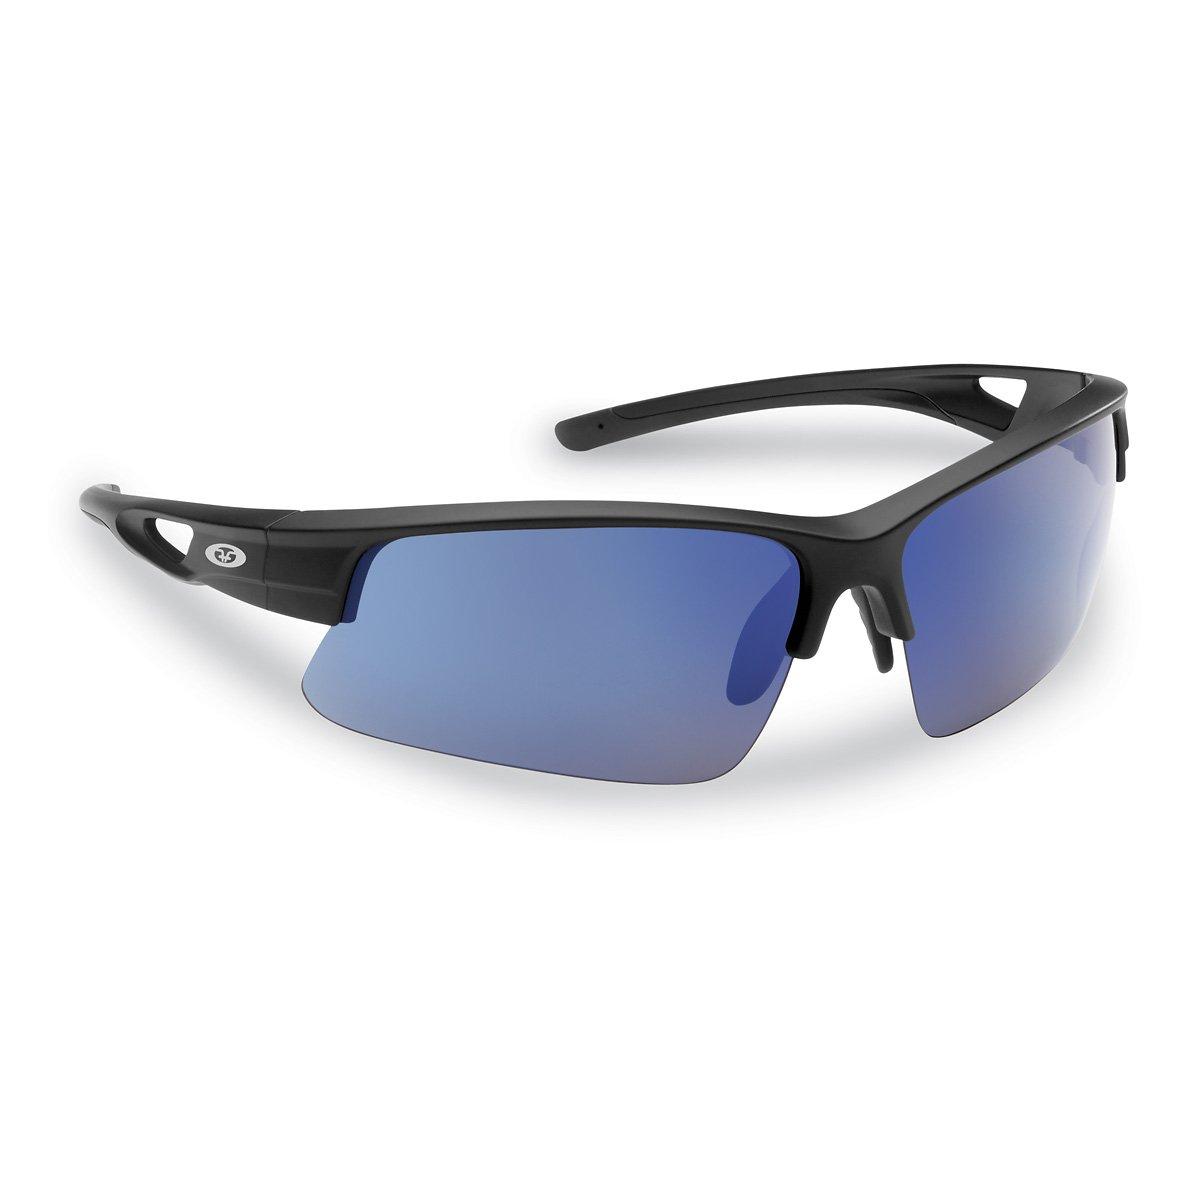 47170b1f7a Amazon.com   Flying Fisherman Moray Polarized Sunglasses   Sports   Outdoors